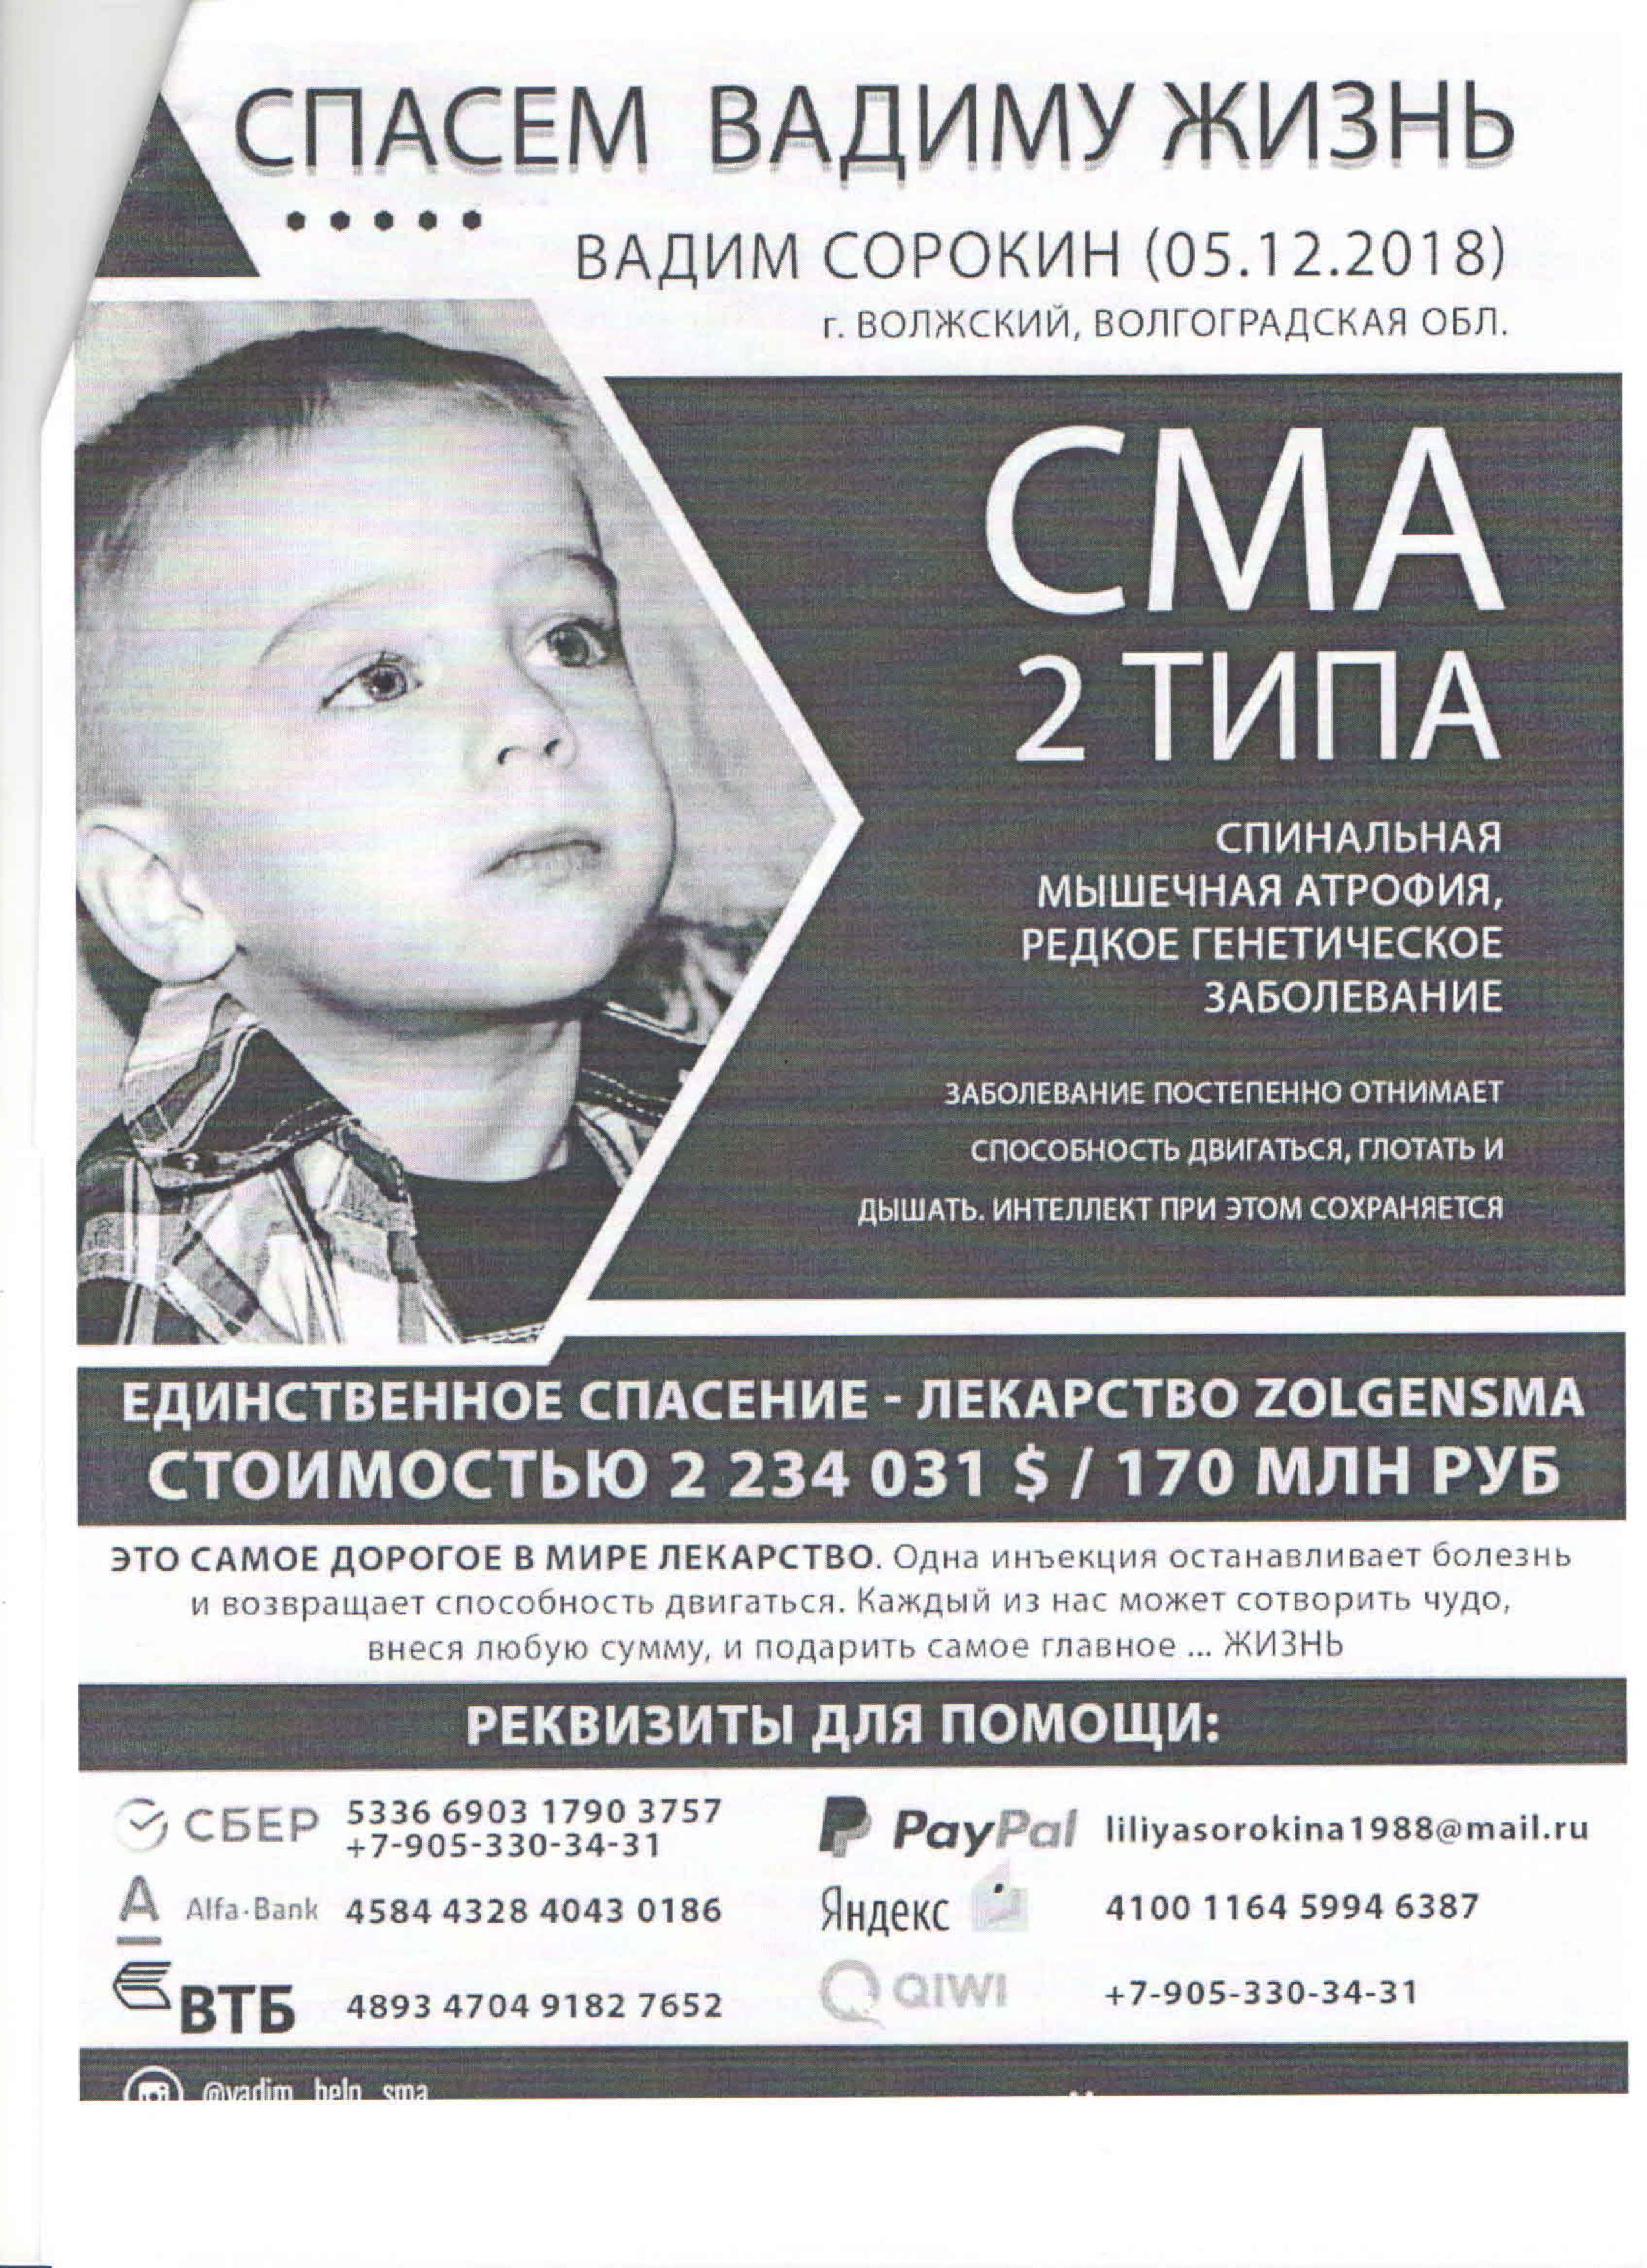 Спасем Вадиму жизнь